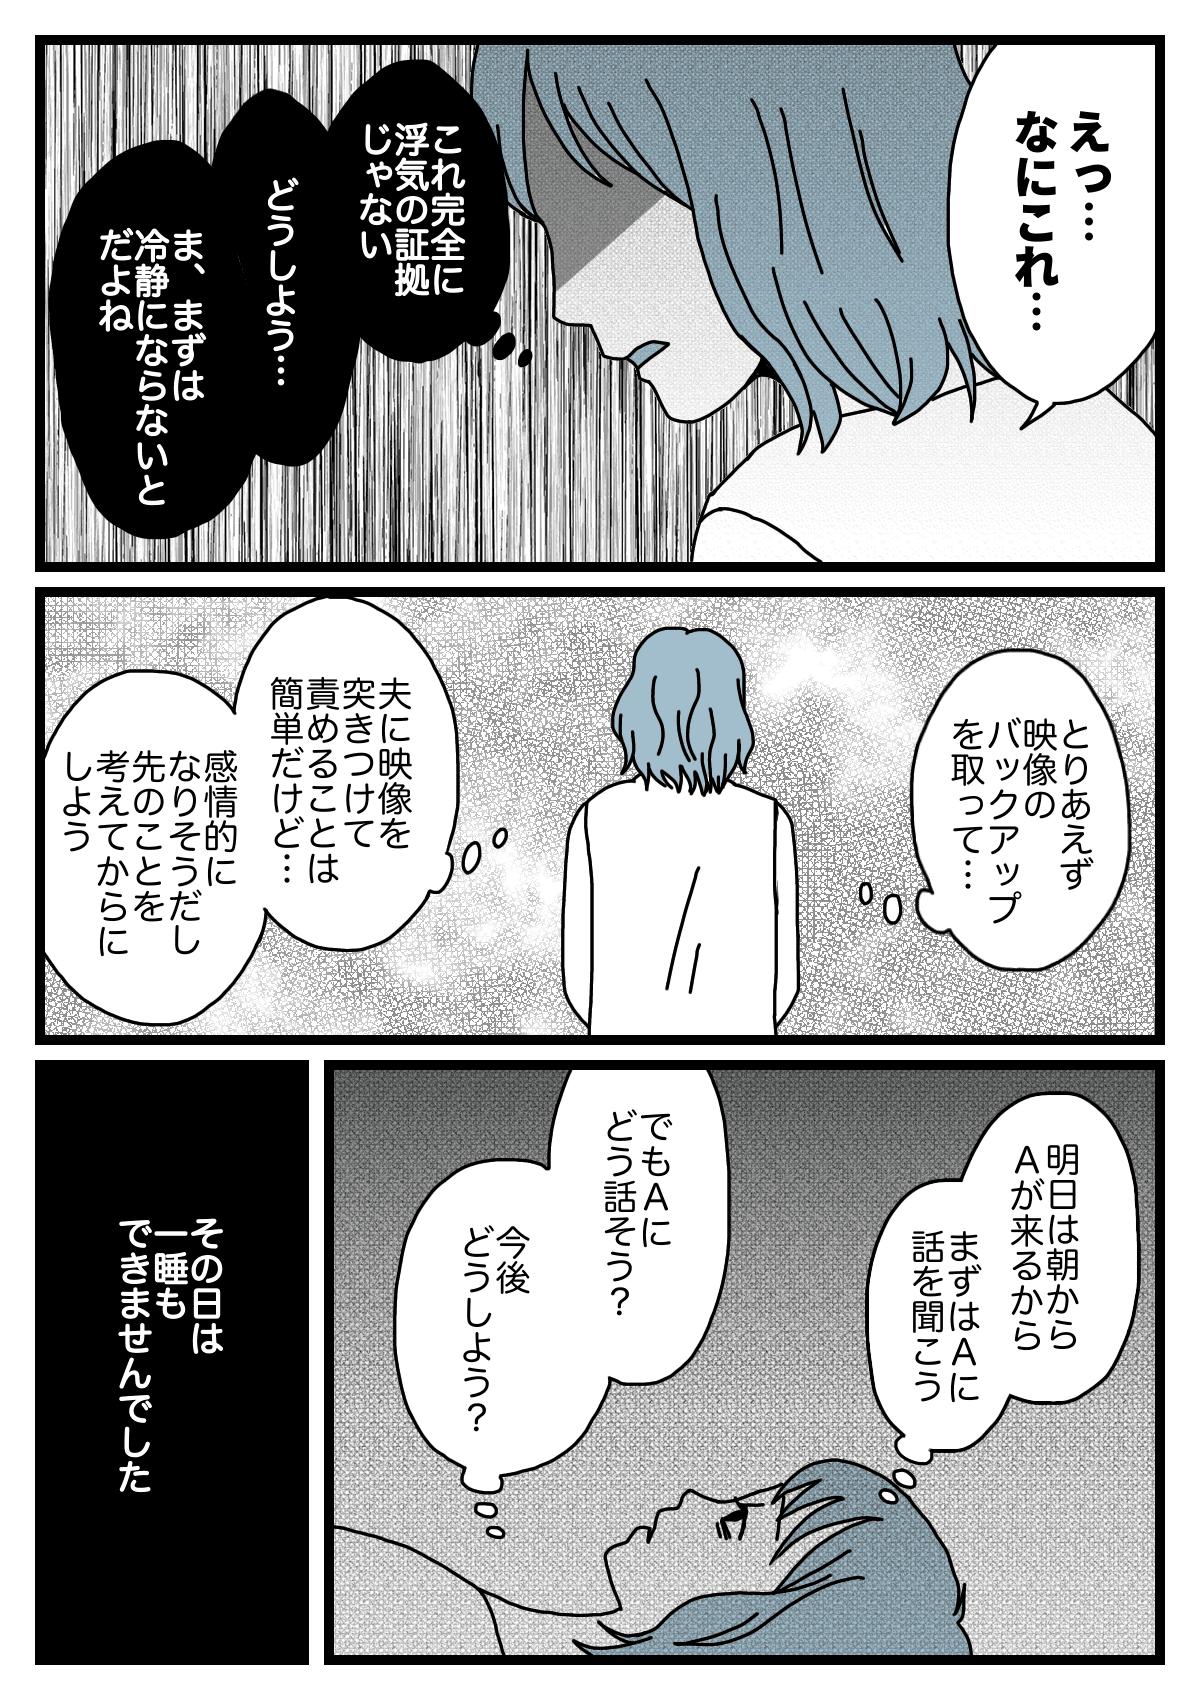 【中編】現場1